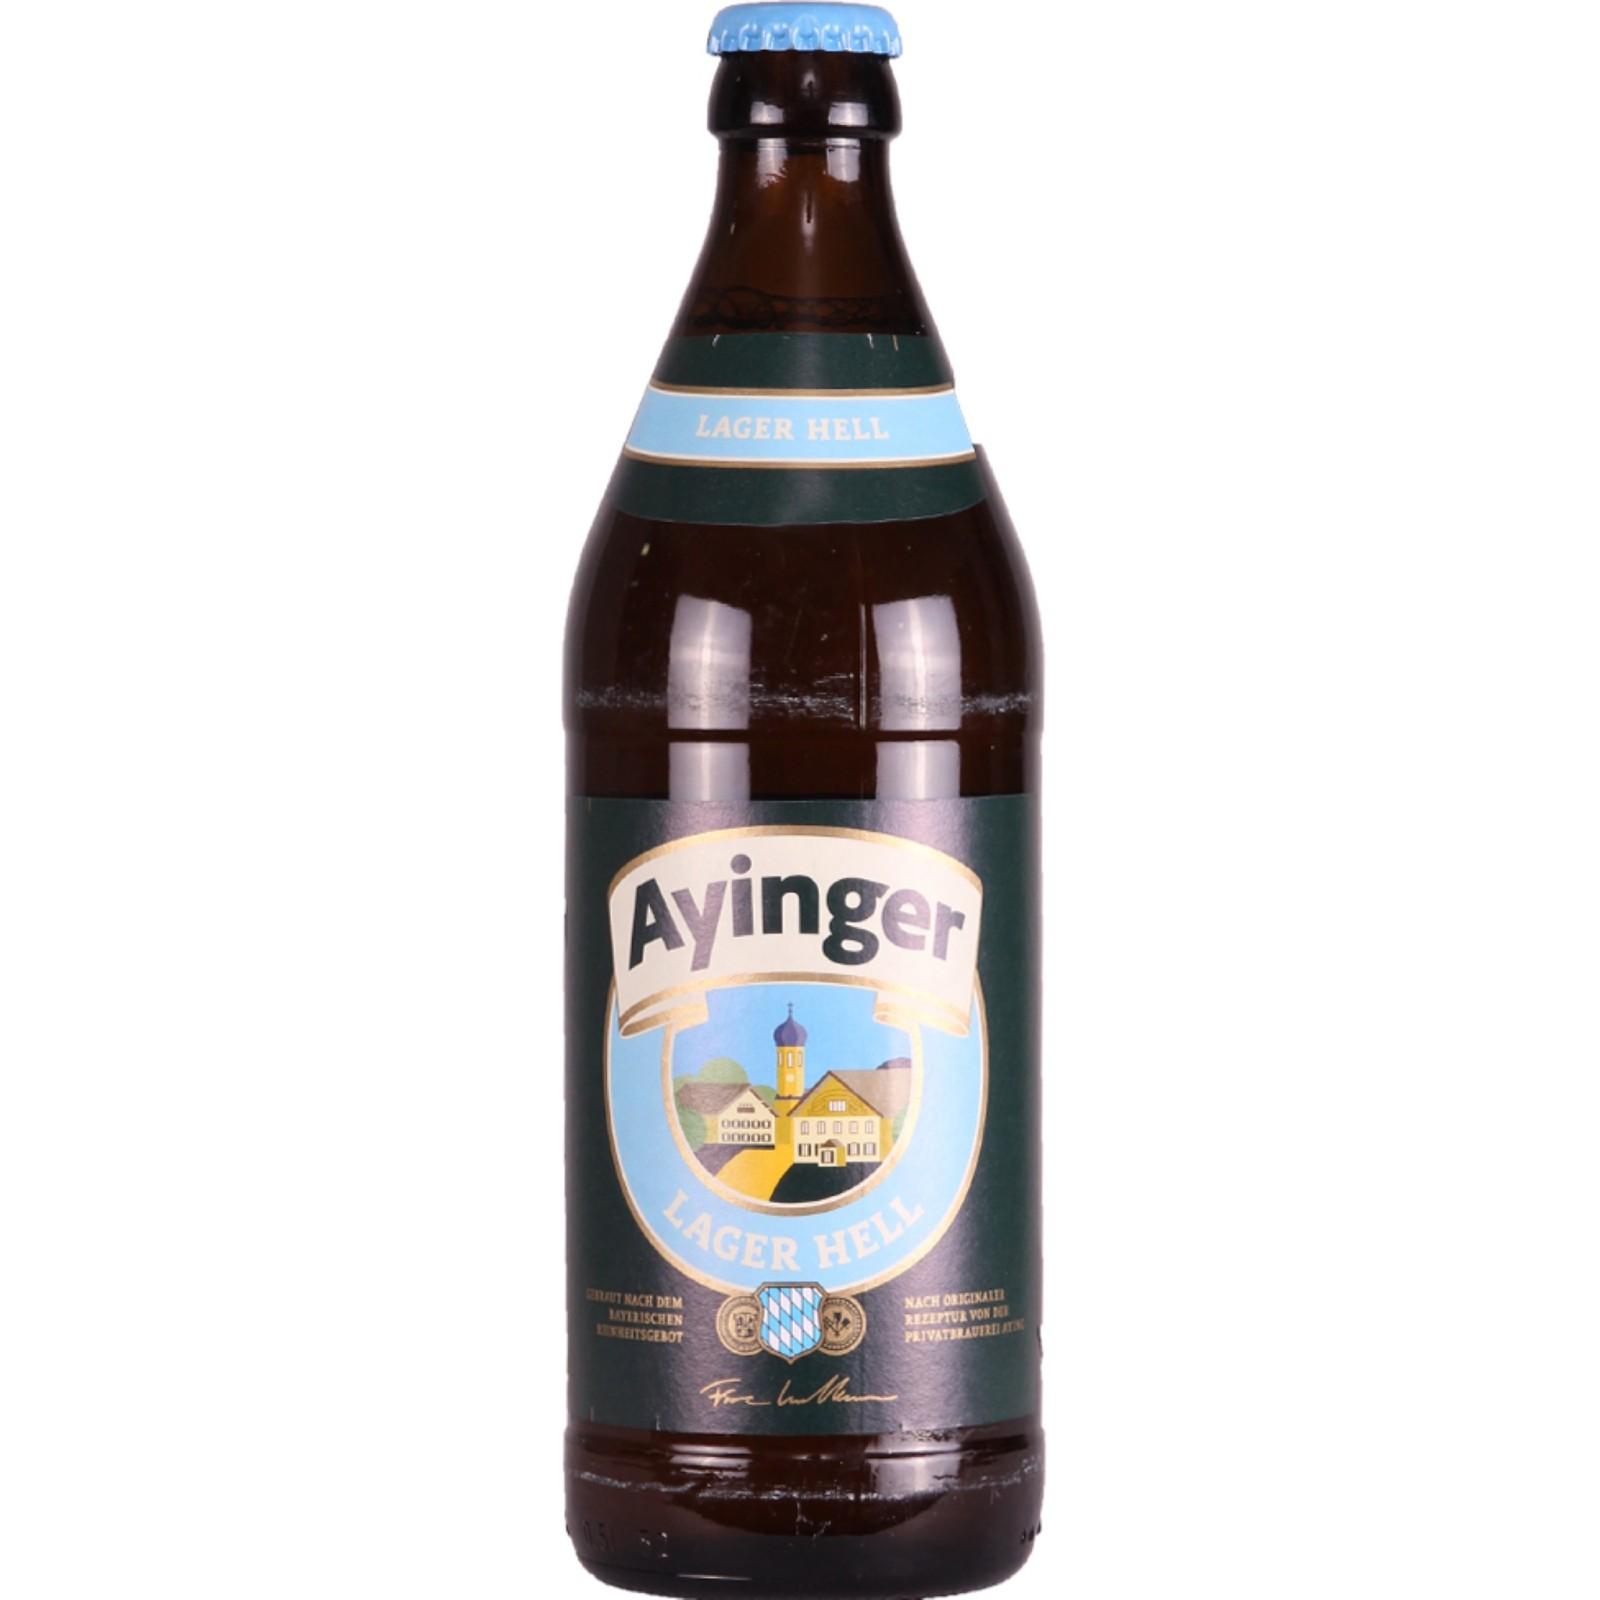 Ayinger Lager Hell 4.9% 500ml